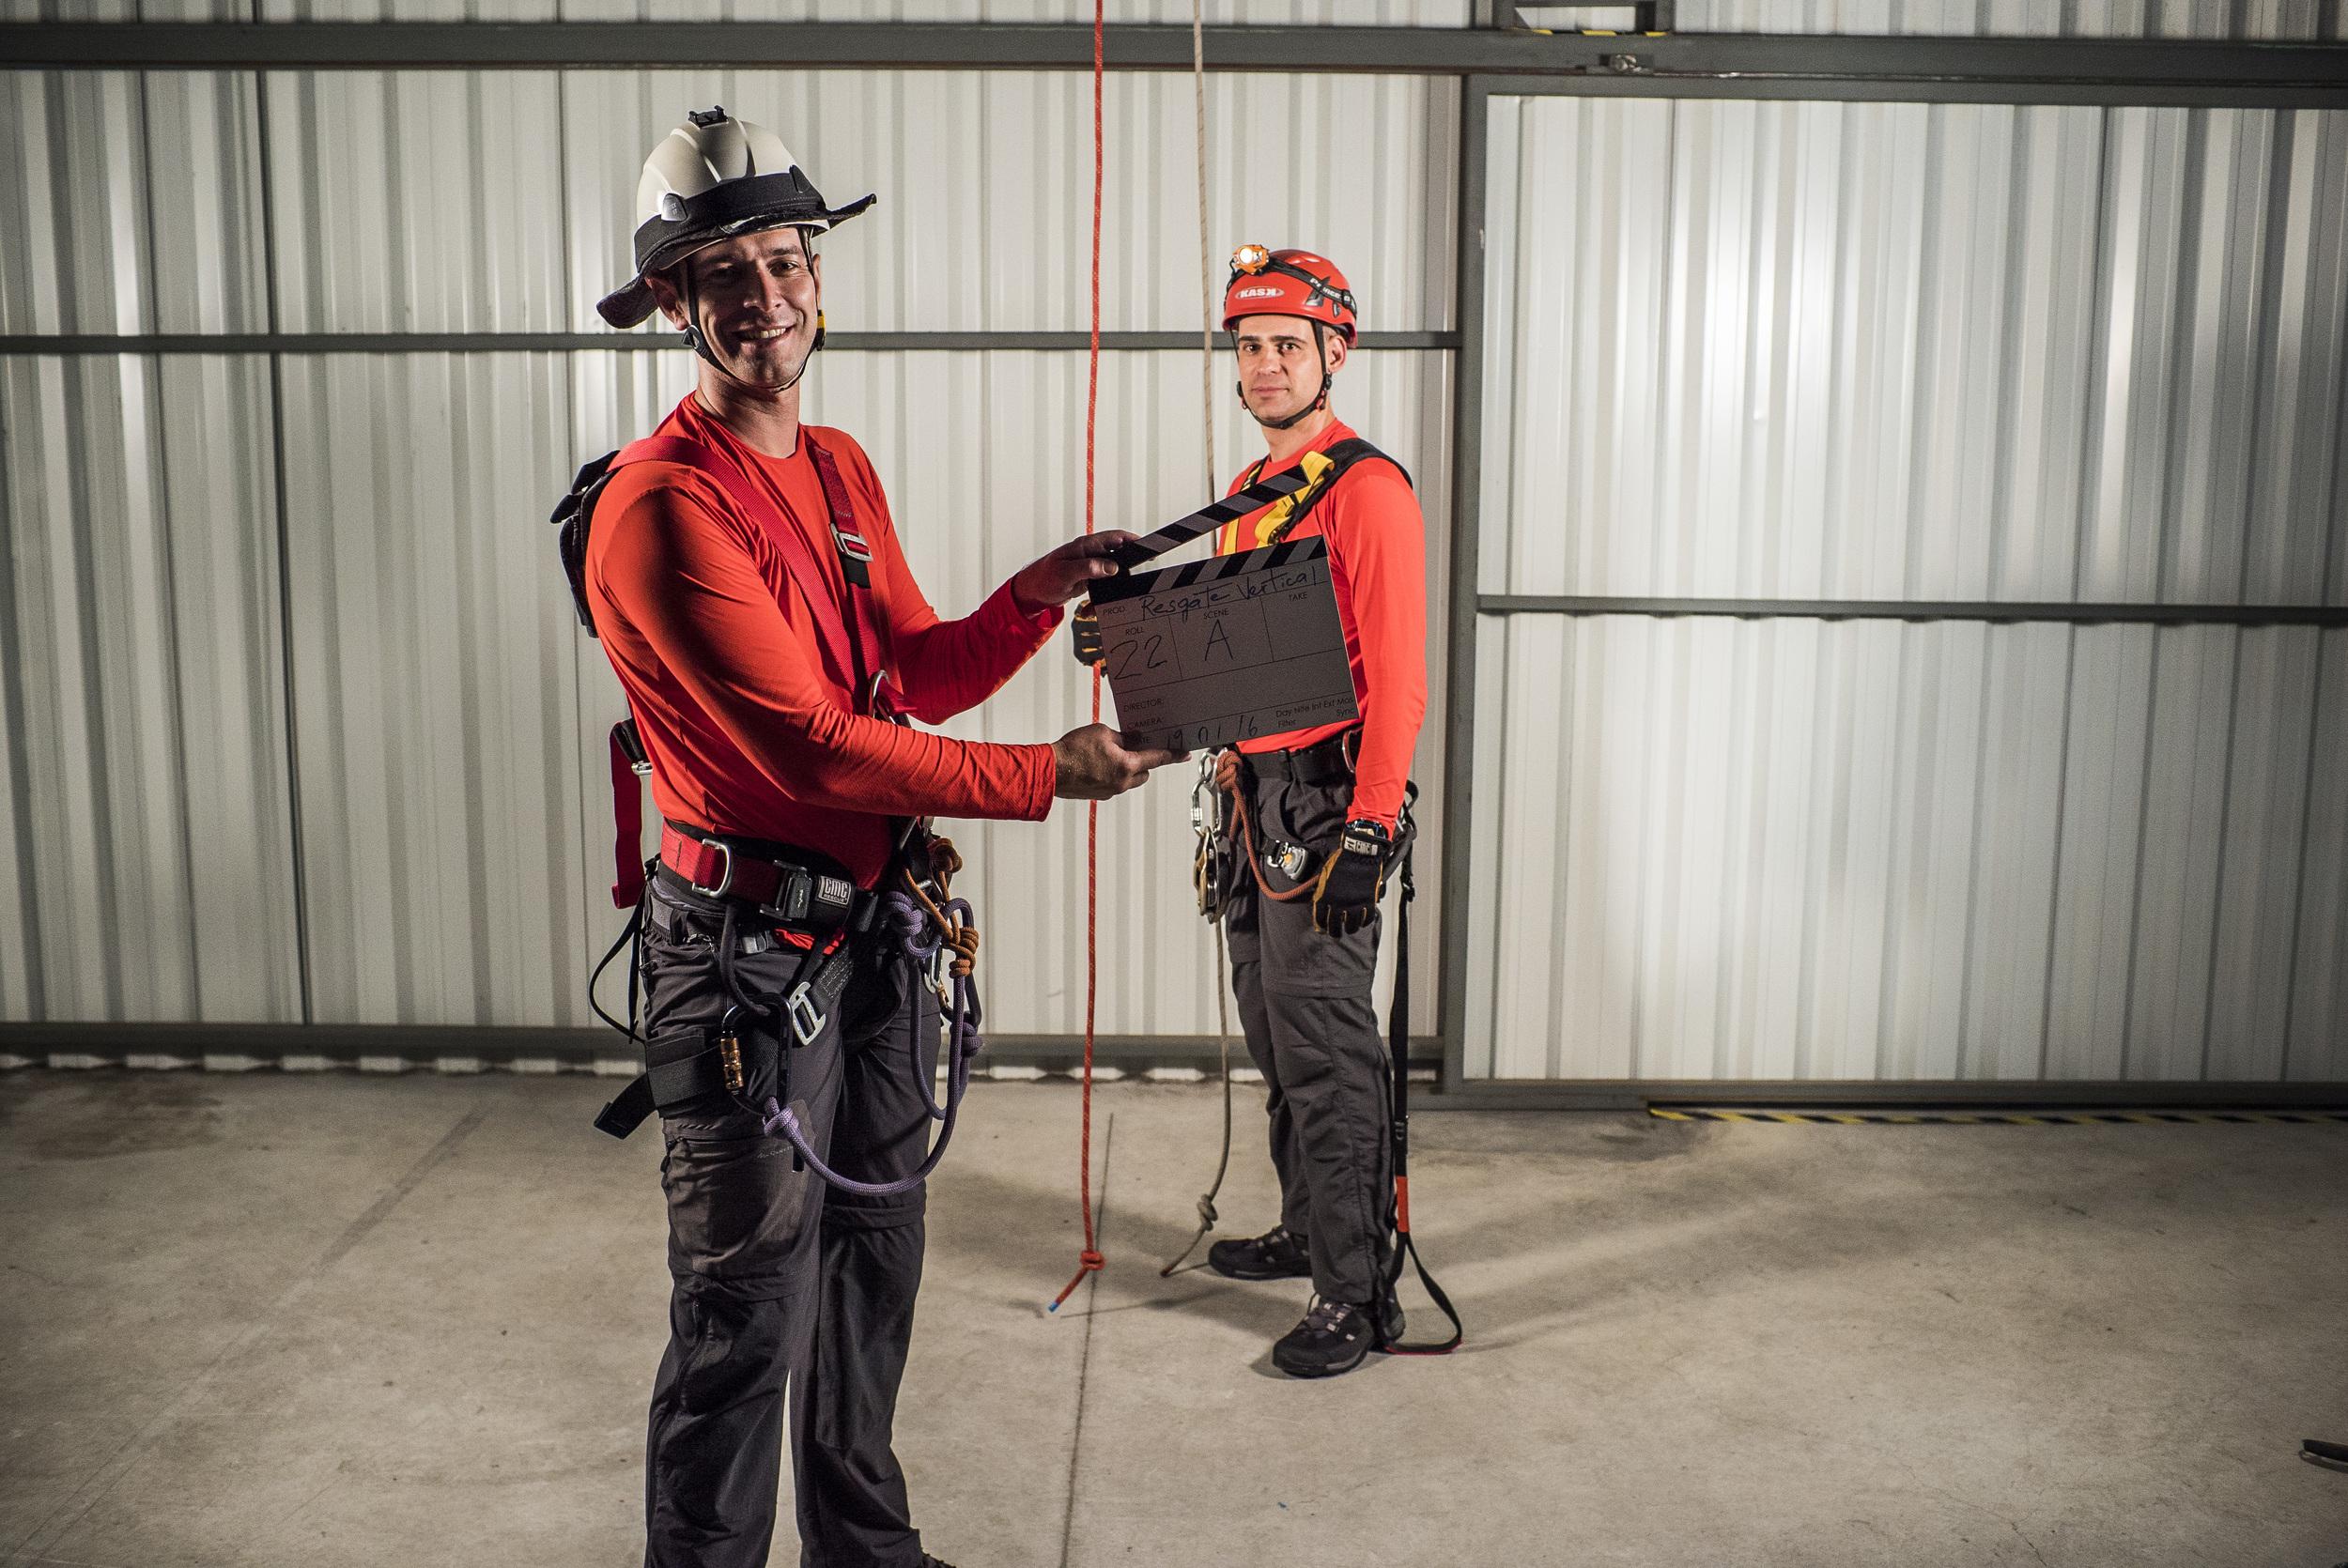 Eduardo Aguiar, bombeiro e escritor do livro Resgate Vertical, ajudando na produção. Foto: Johann Stollmeier